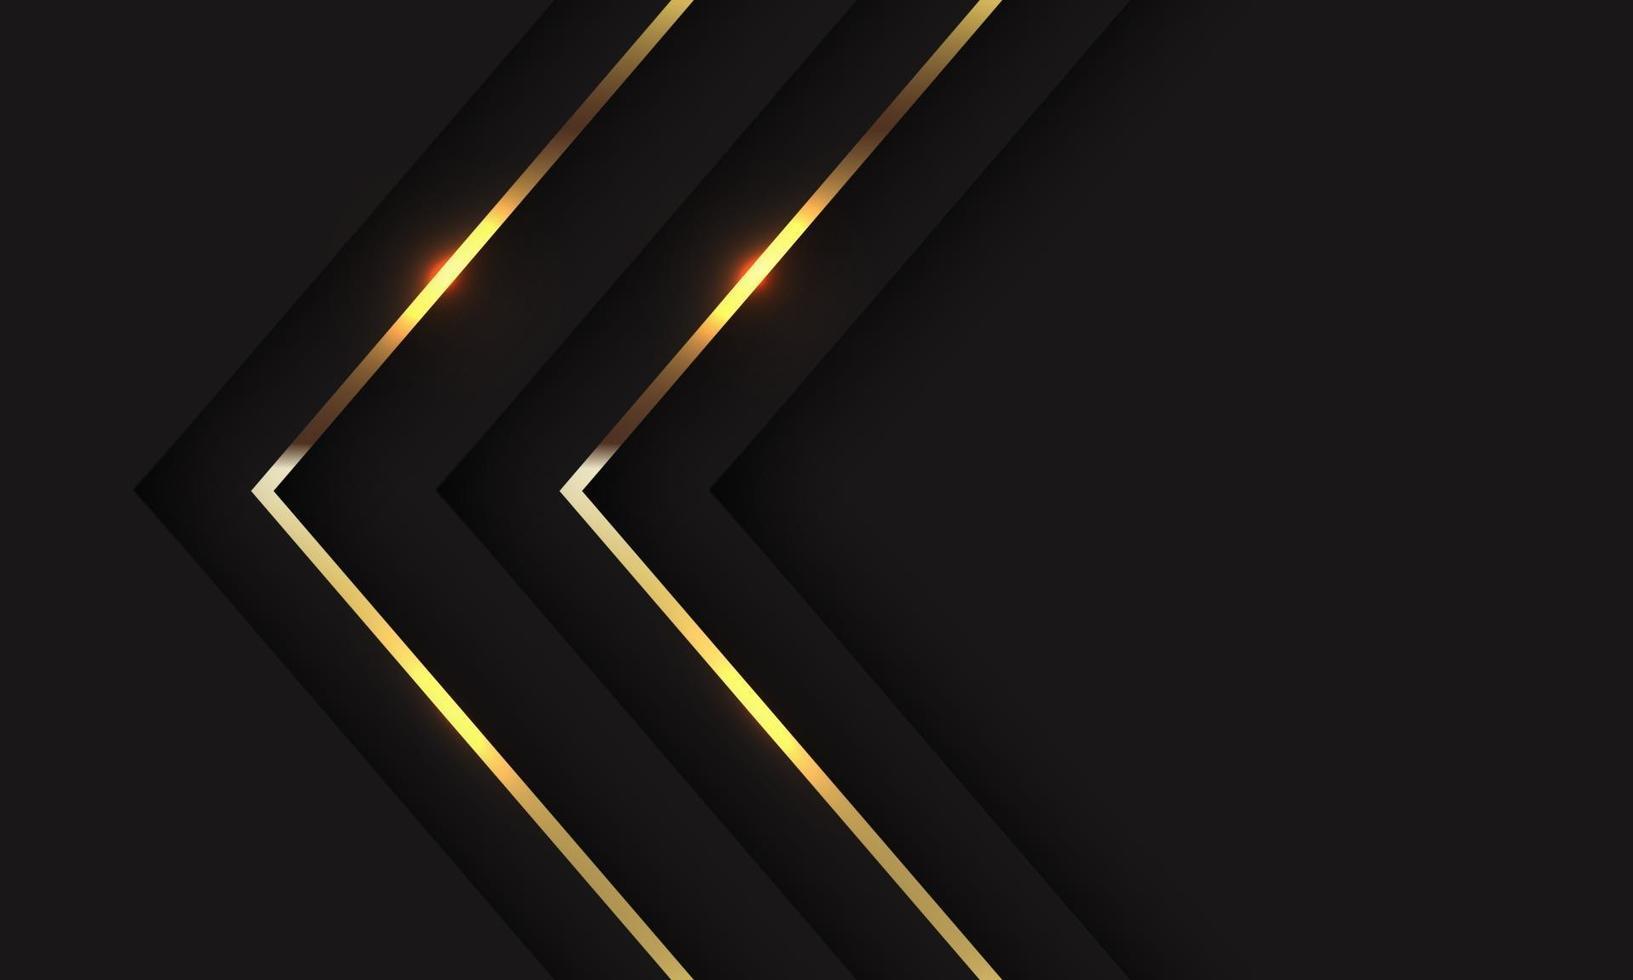 abstrakt tvillingguldskuggpilriktning på svart med tomrumsdesign modern lyx futuristisk bakgrundsvektorillustration. vektor